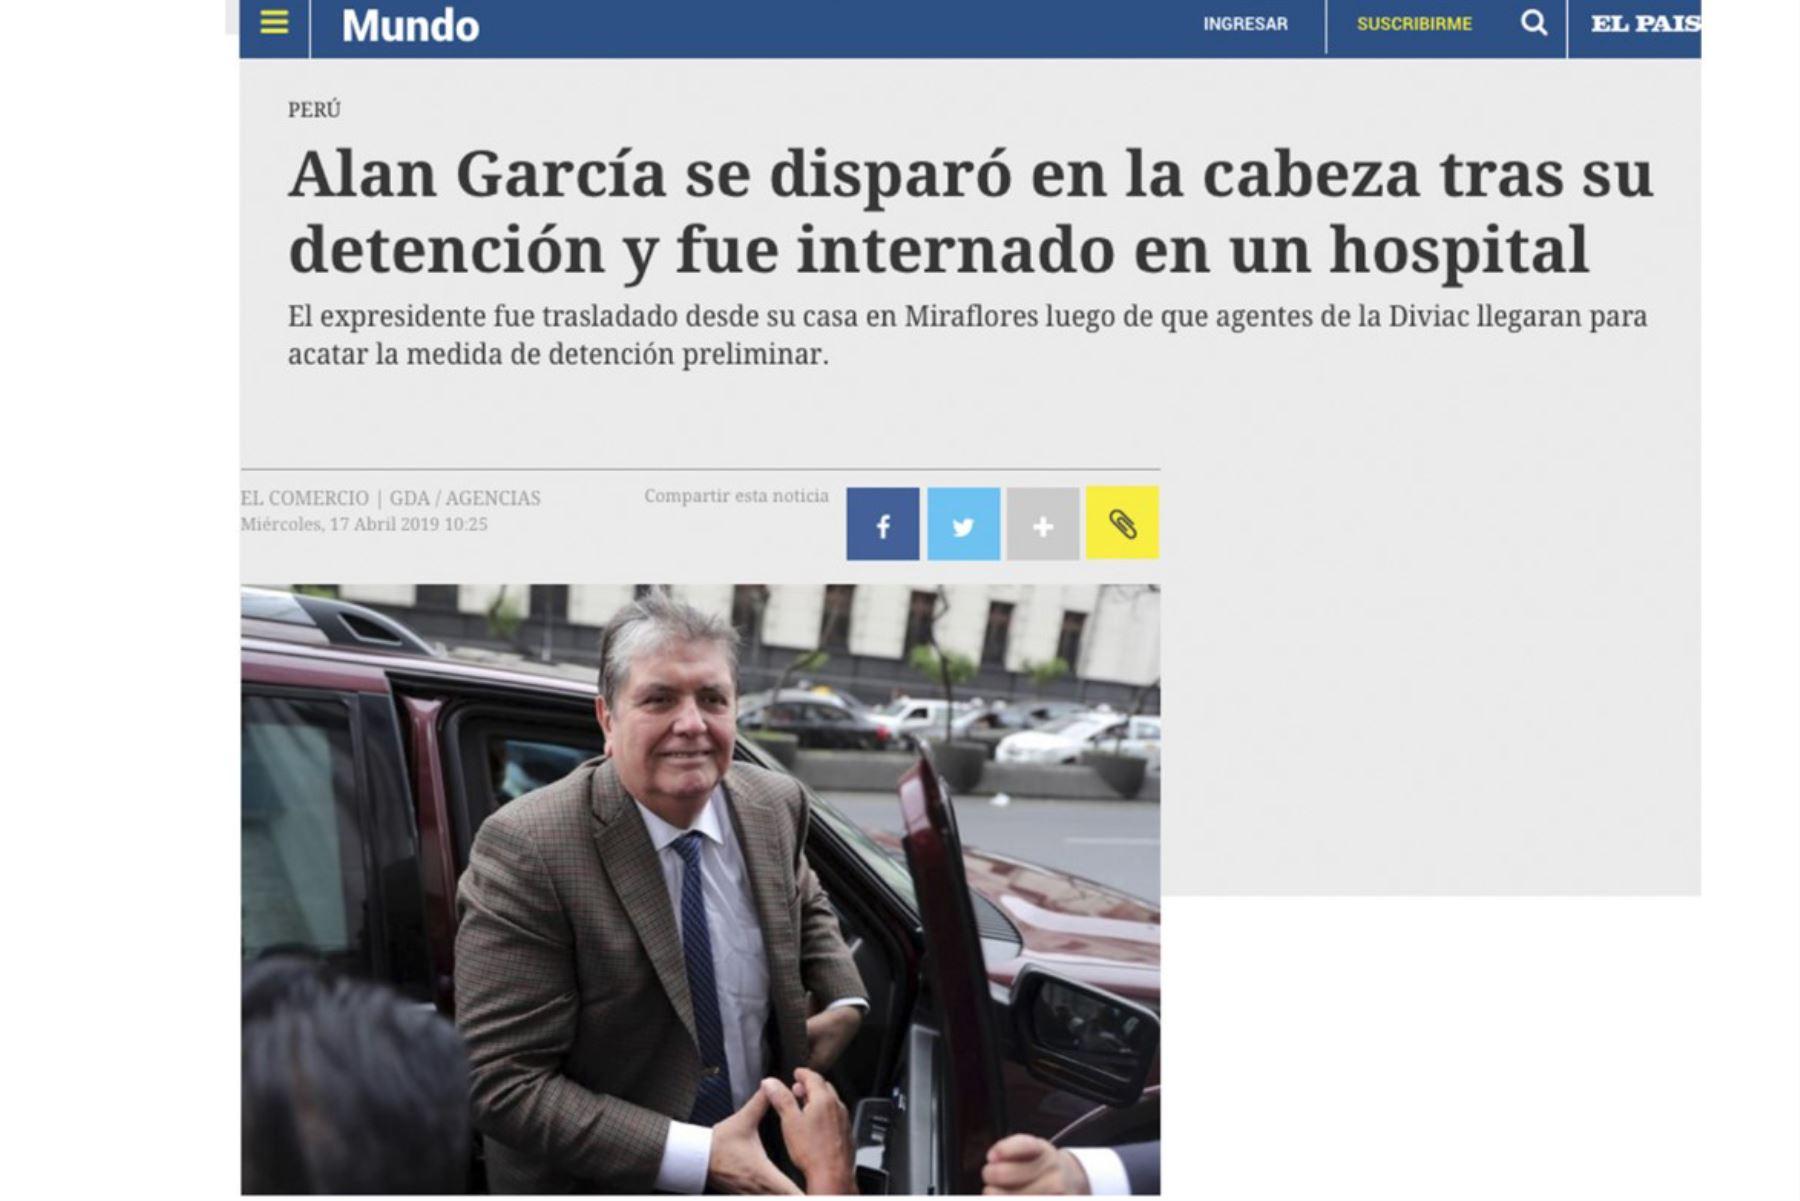 Así informa la prensa internacional sobre el disparo que se autoinflingió Alan García